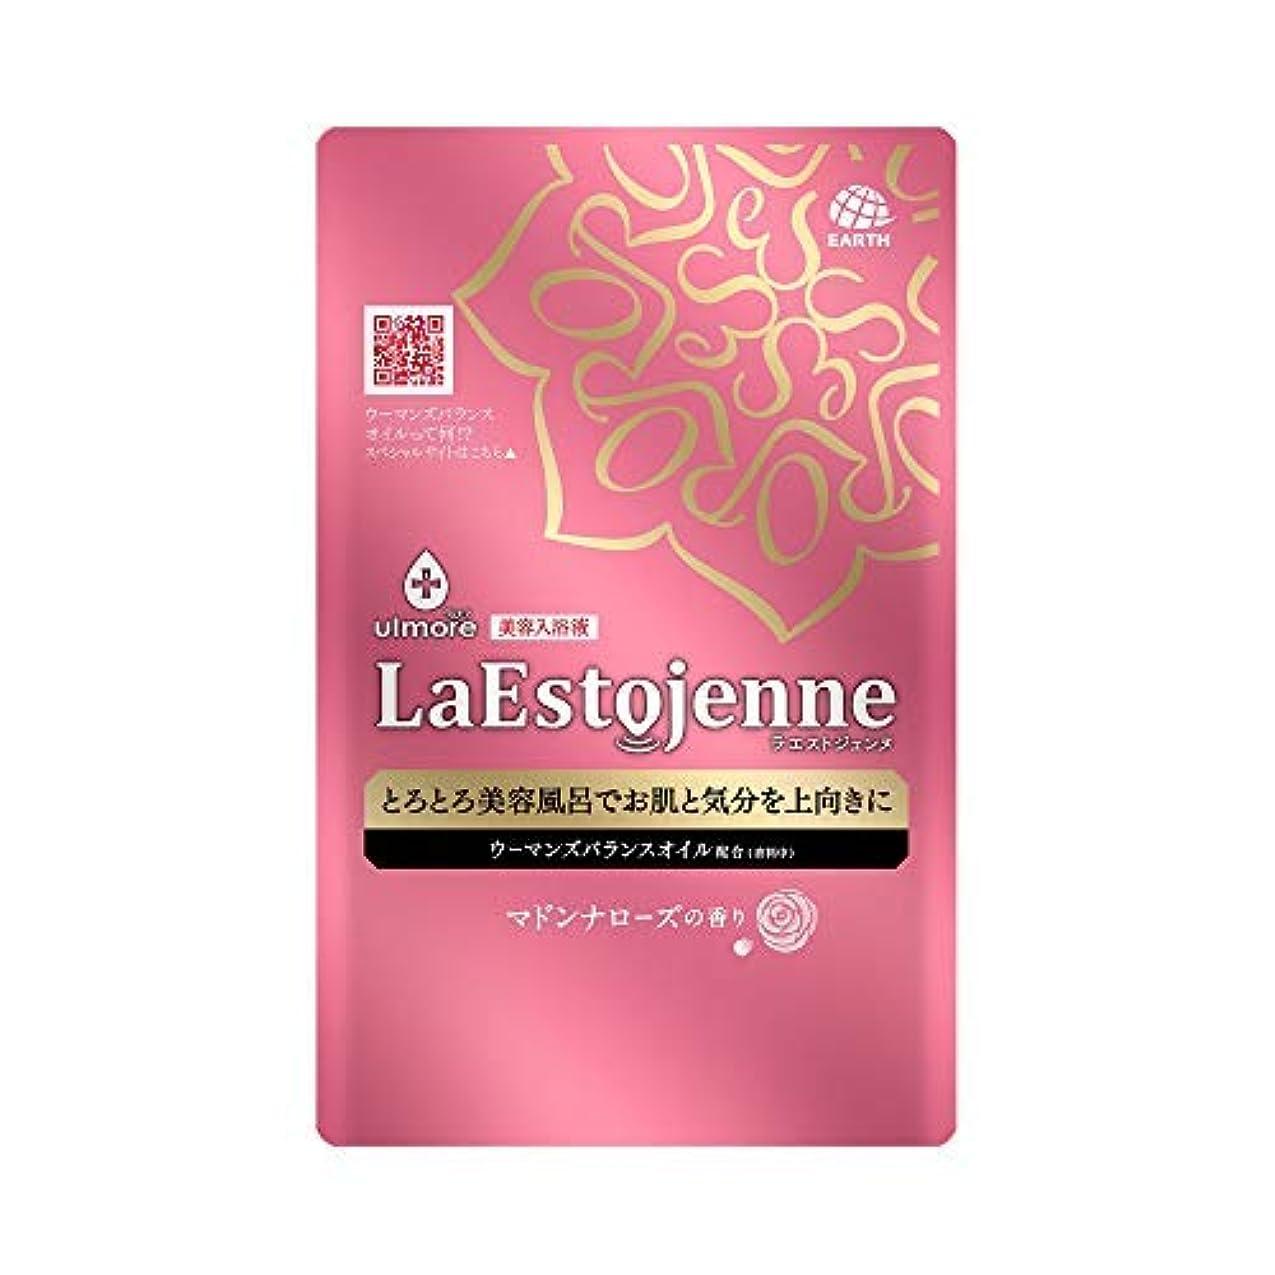 定期的なあたたかい勝者ウルモア ラエストジェンヌ マドンナローズの香り 1包 × 2個セット